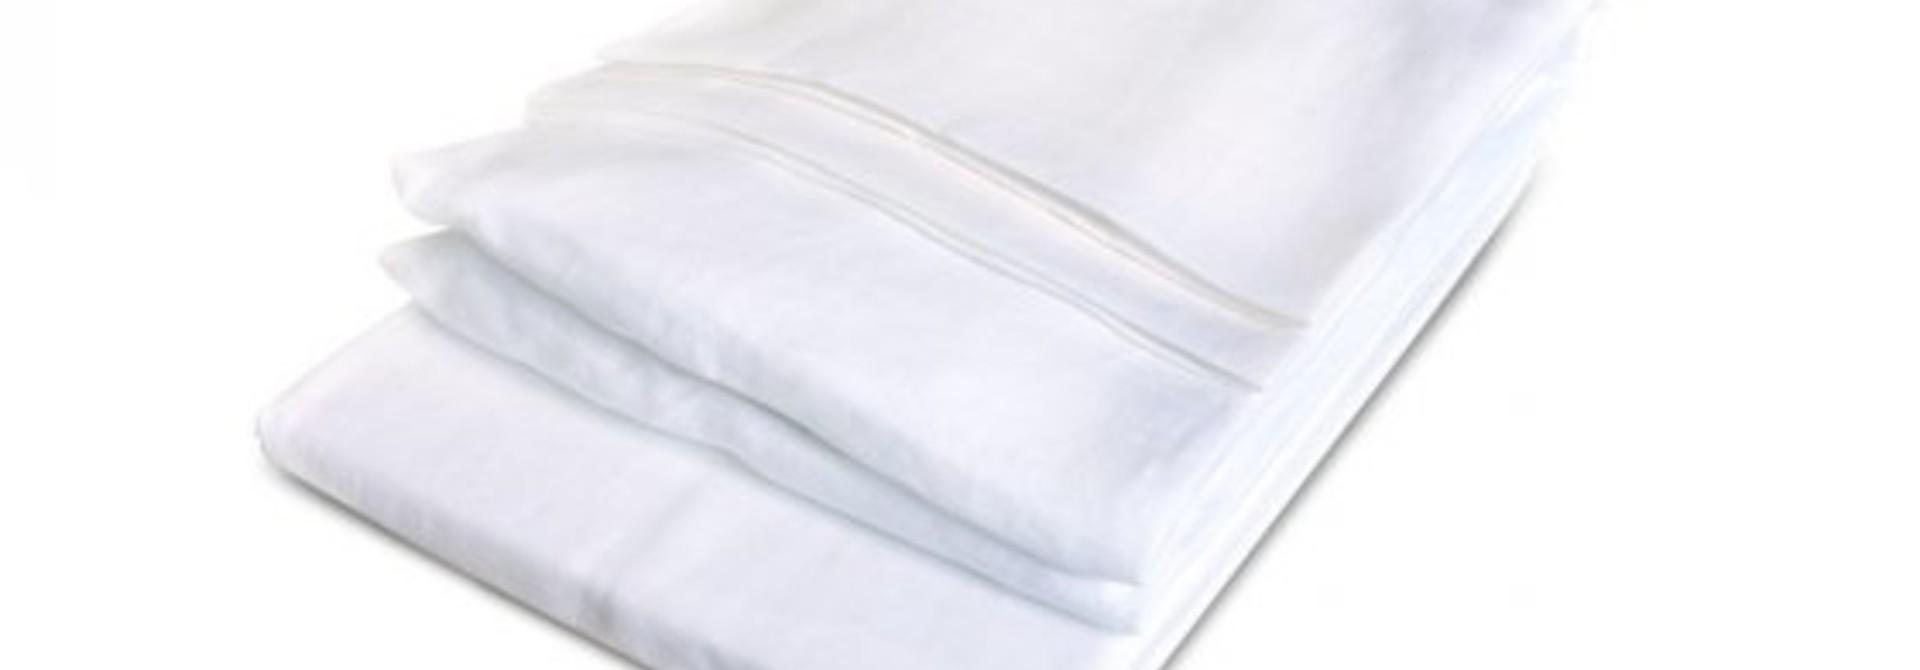 Flat King Sheet - California - White